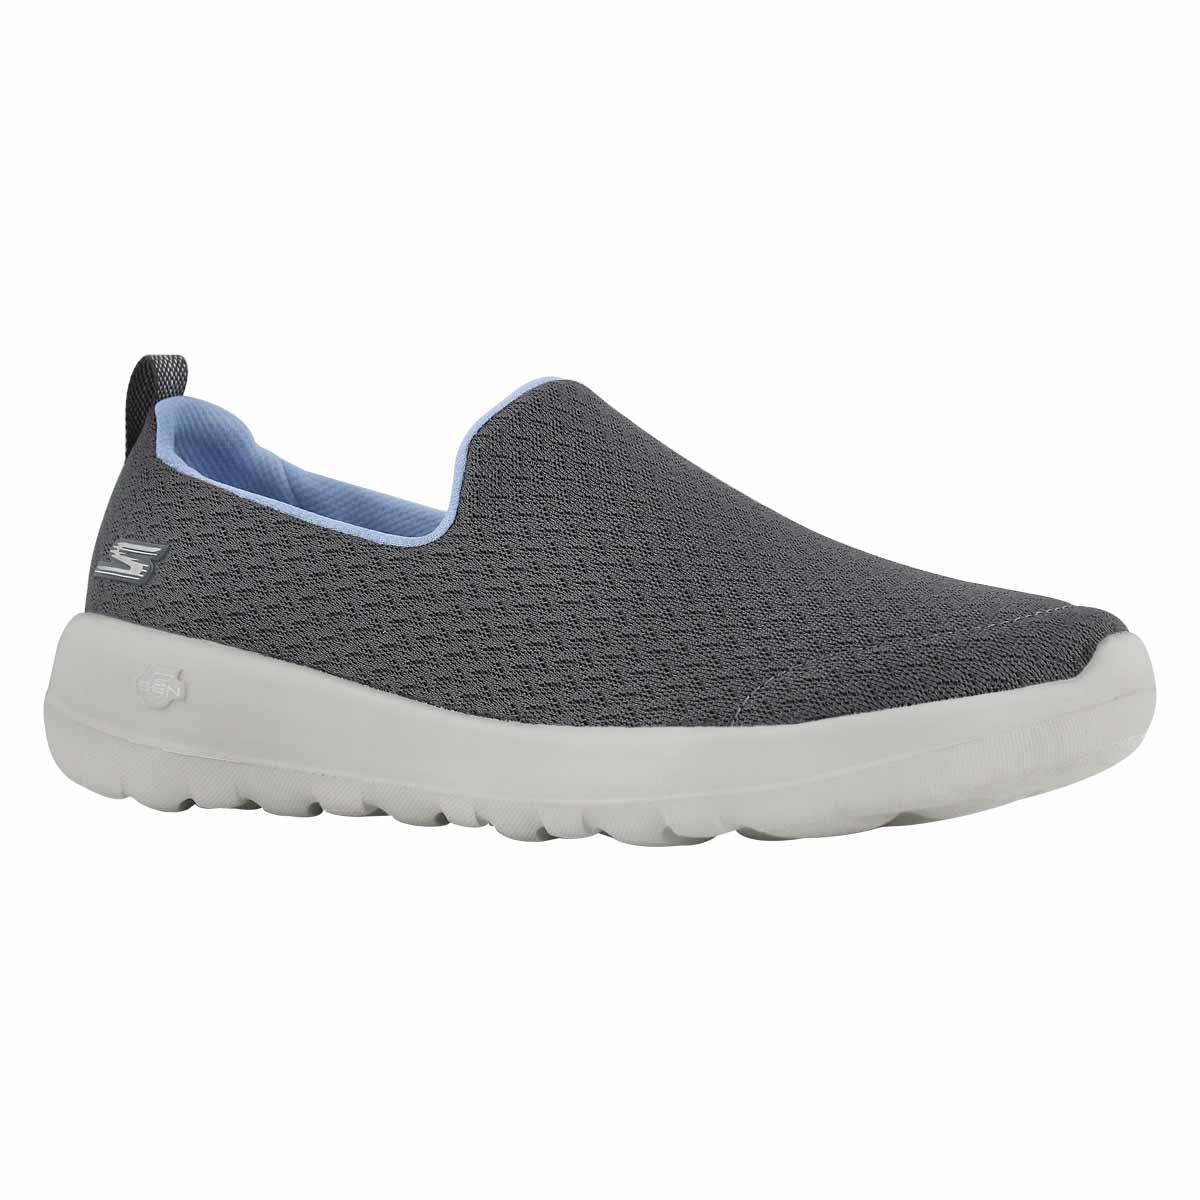 Women's GOwalk JOY REJOICE char slip on shoes